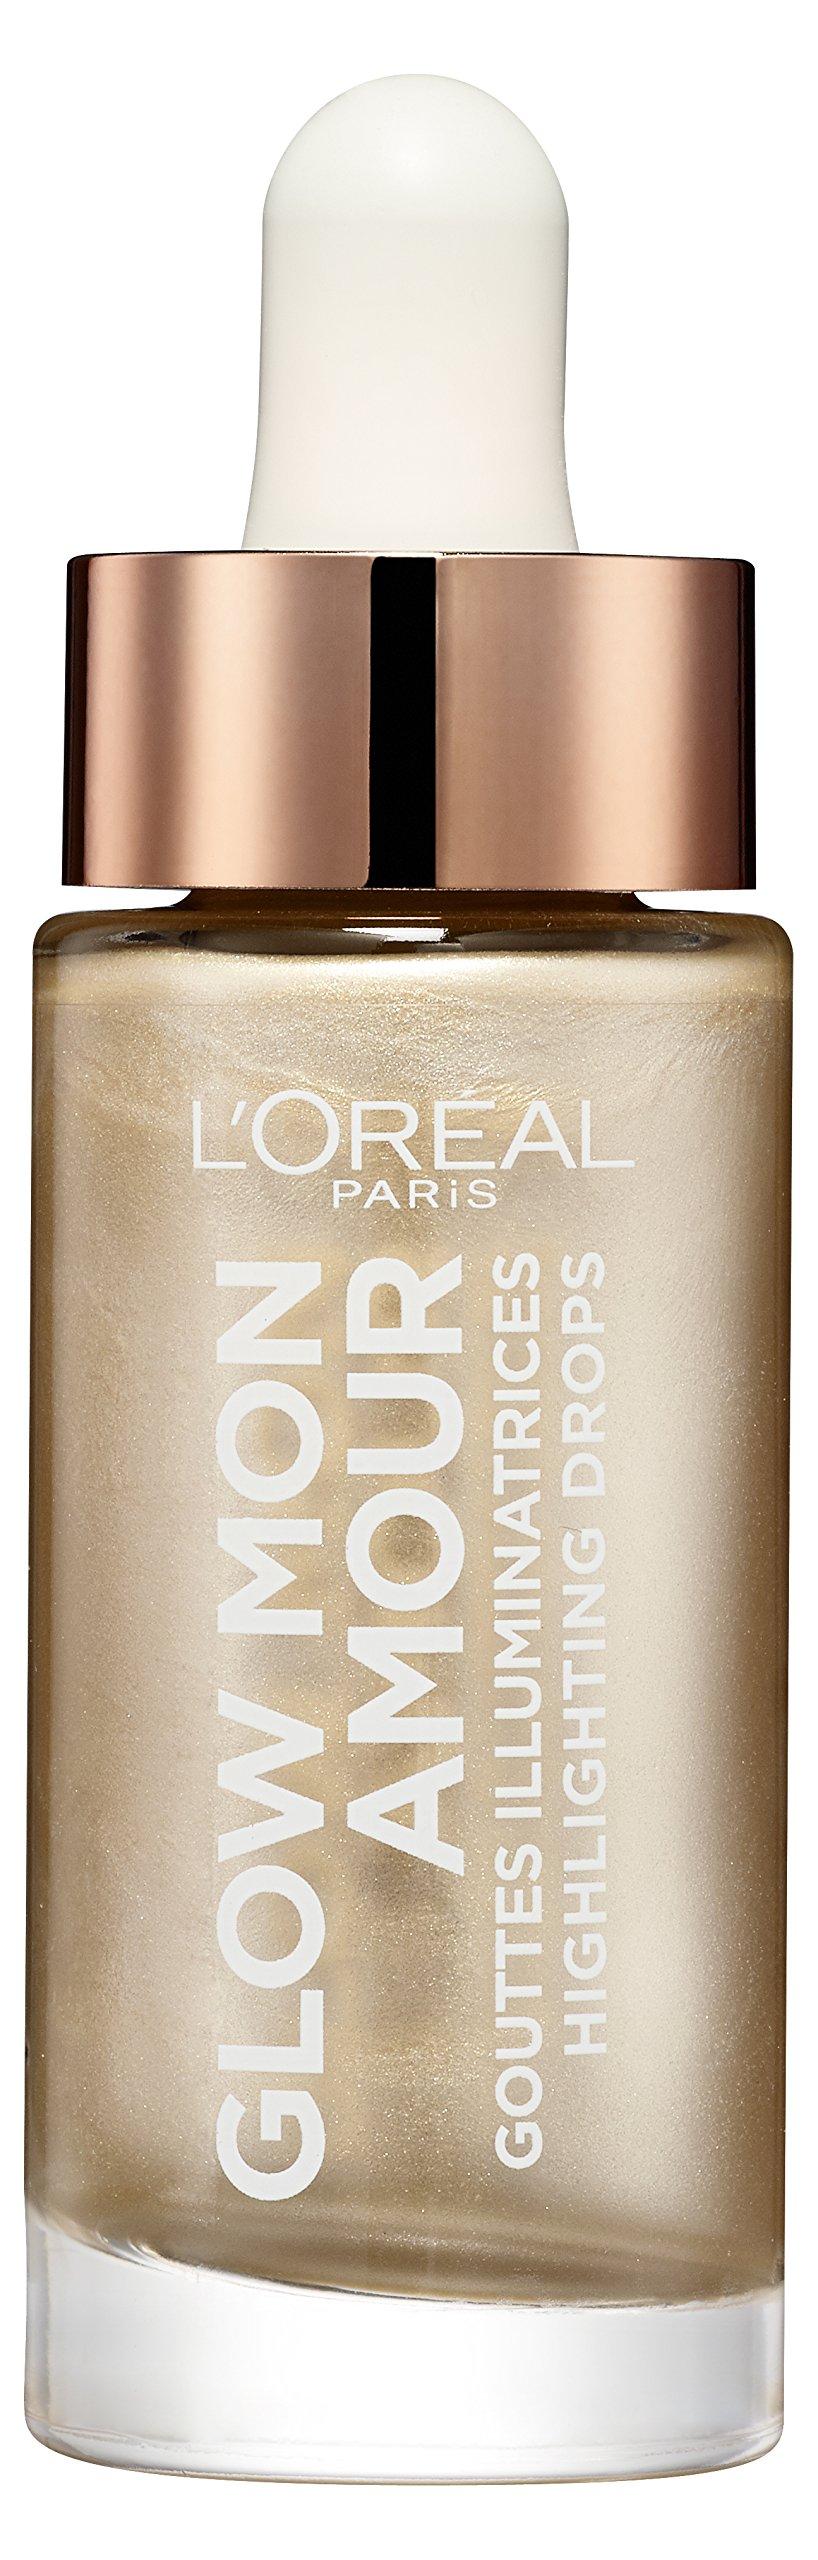 L'Oréal Paris Highlighter Glow mon Amour Drops 01, 1er Pack (1 x 15 ml) product image